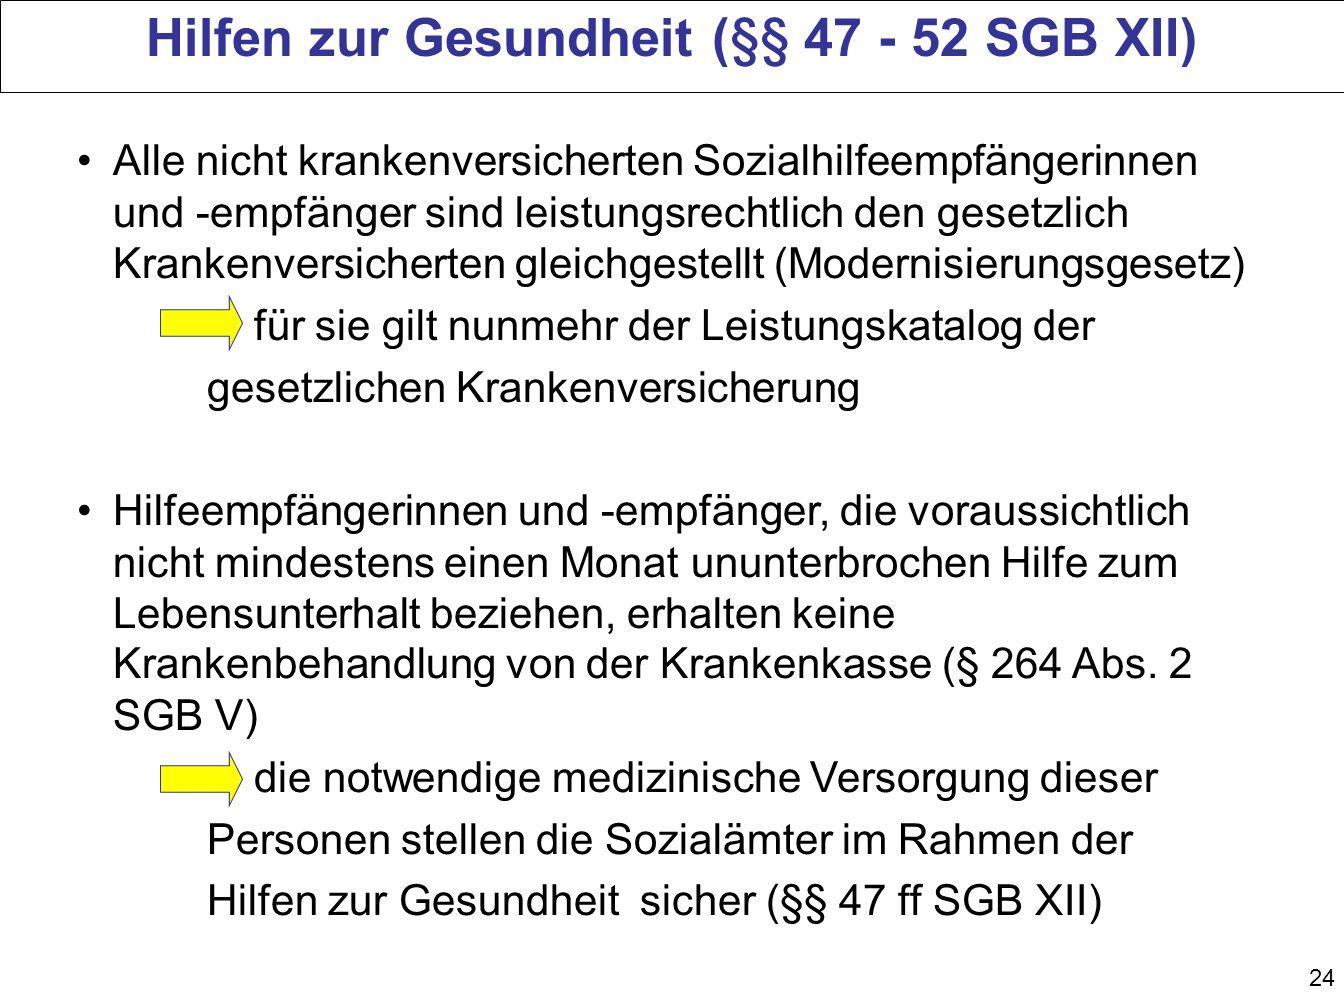 Hilfen zur Gesundheit (§§ 47 - 52 SGB XII)